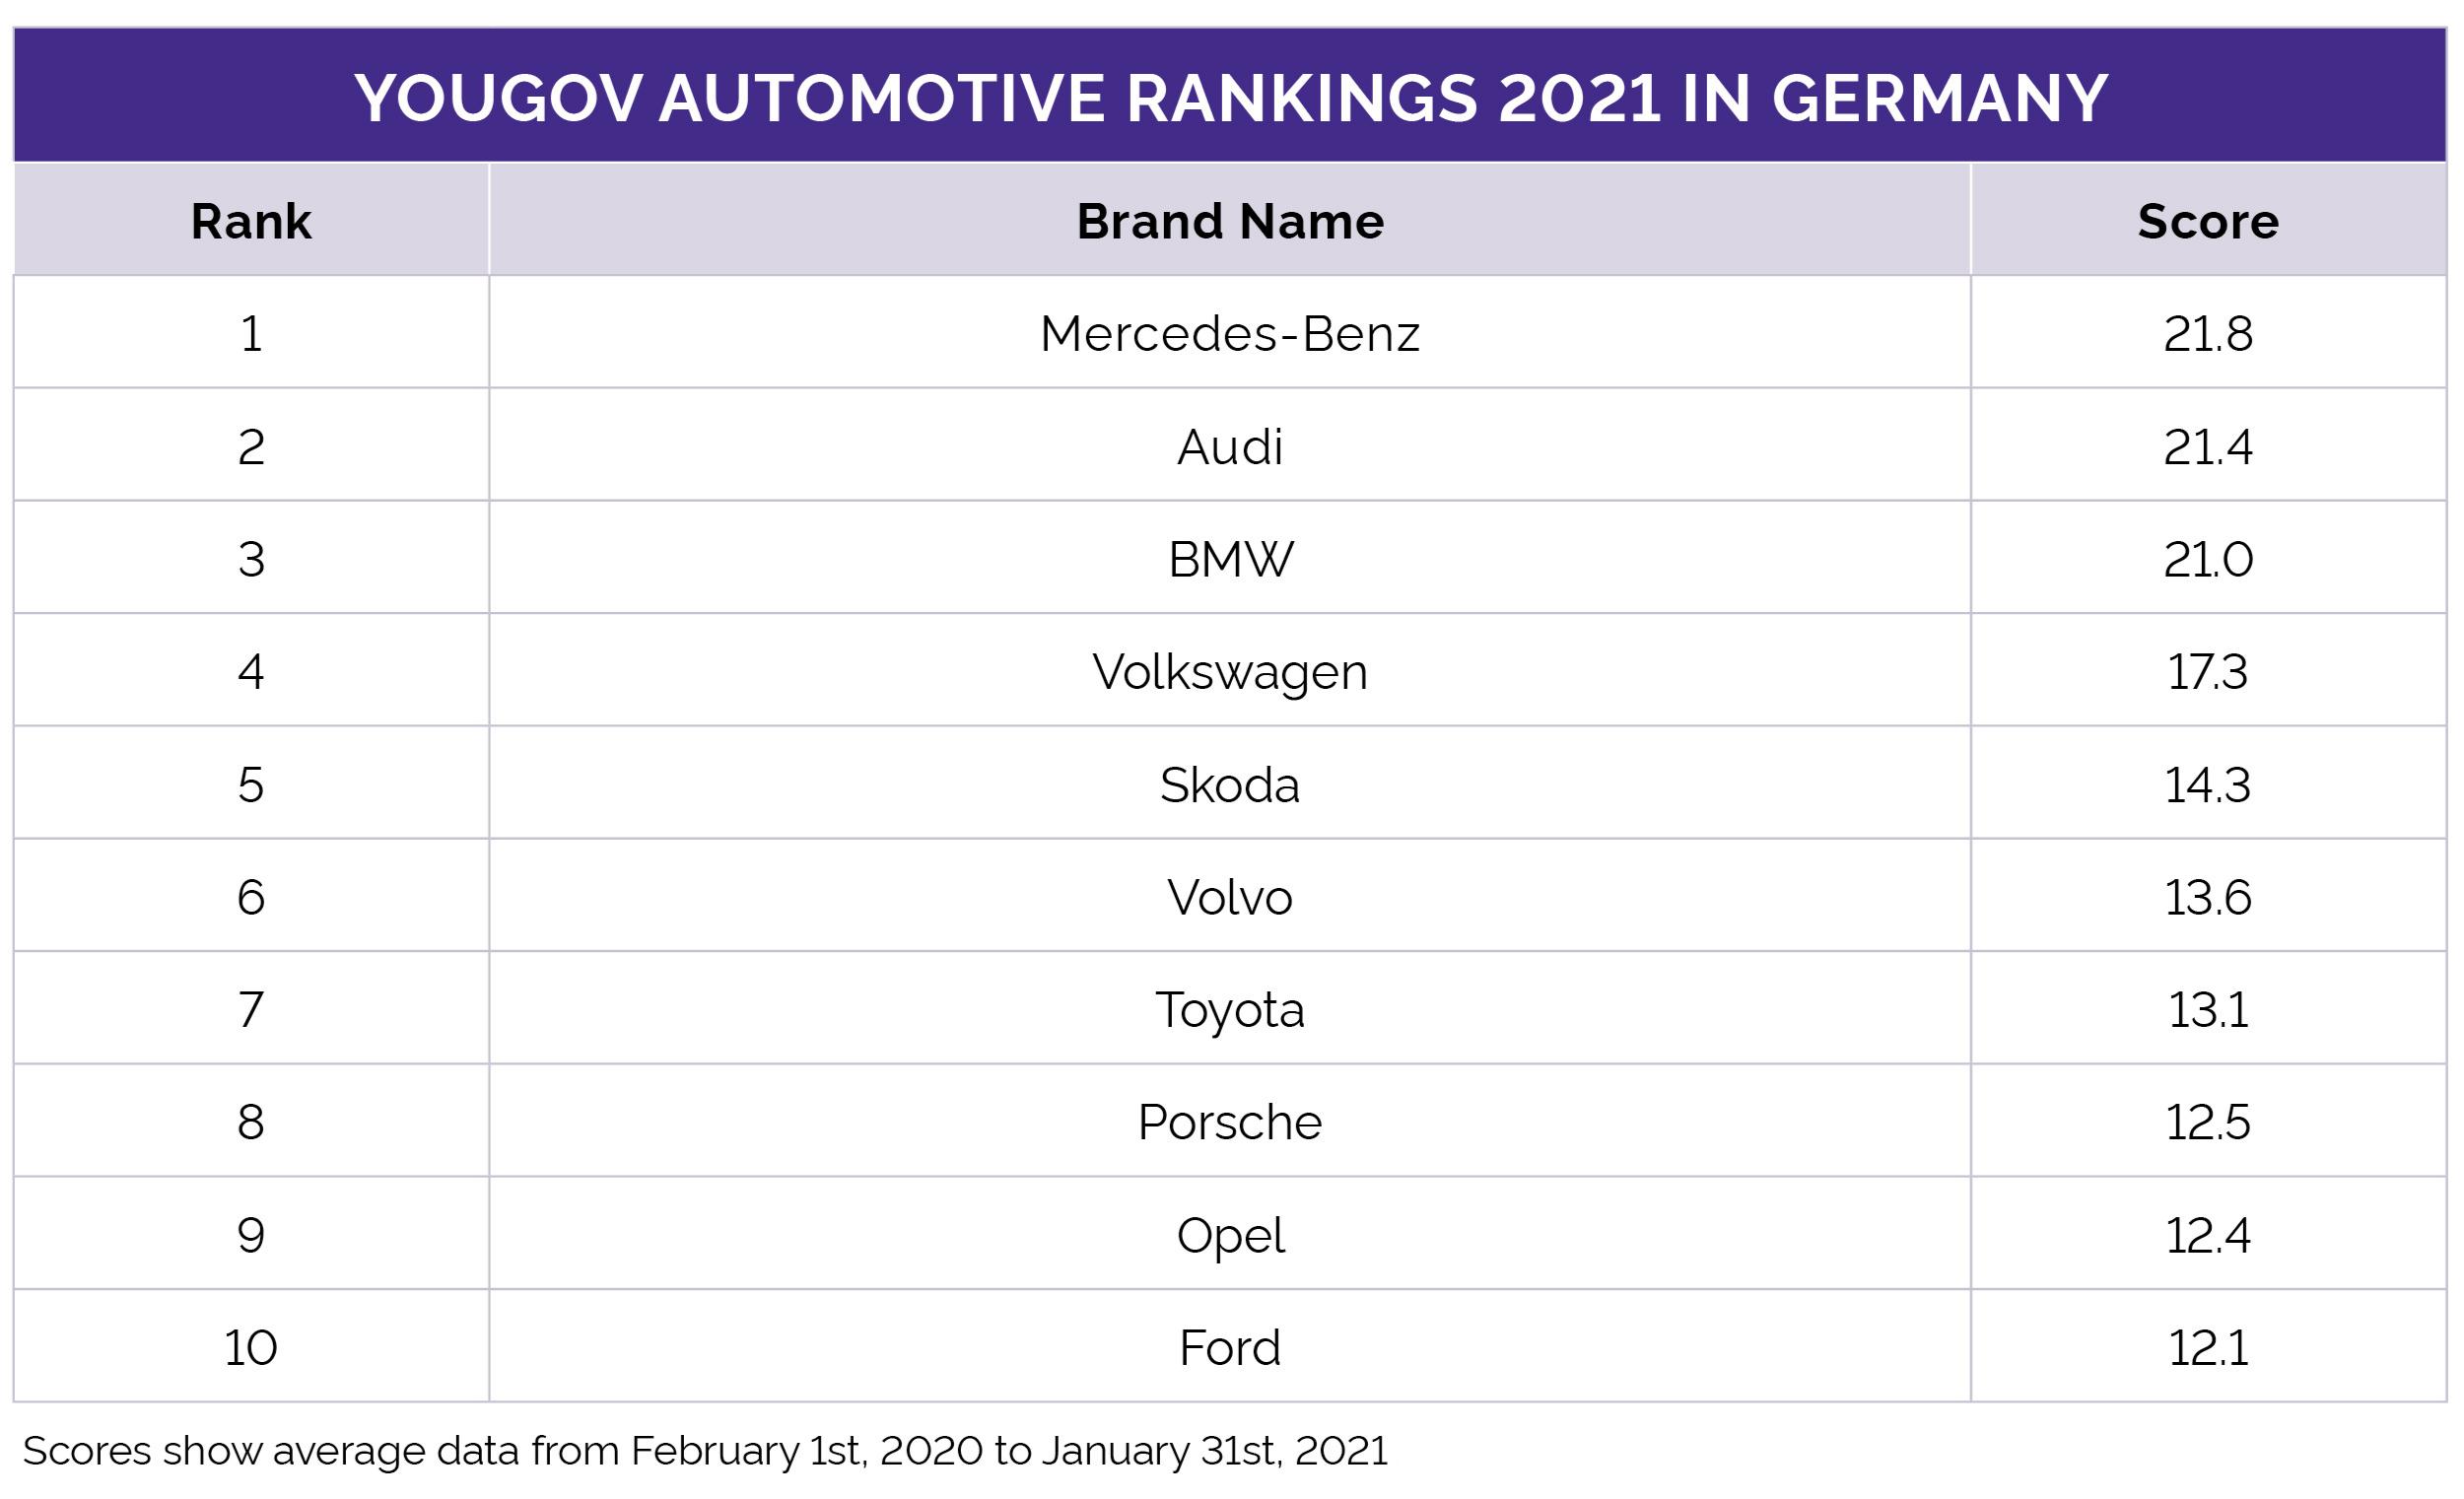 Das YouGov Automotive Ranking 2021 für Deutschland